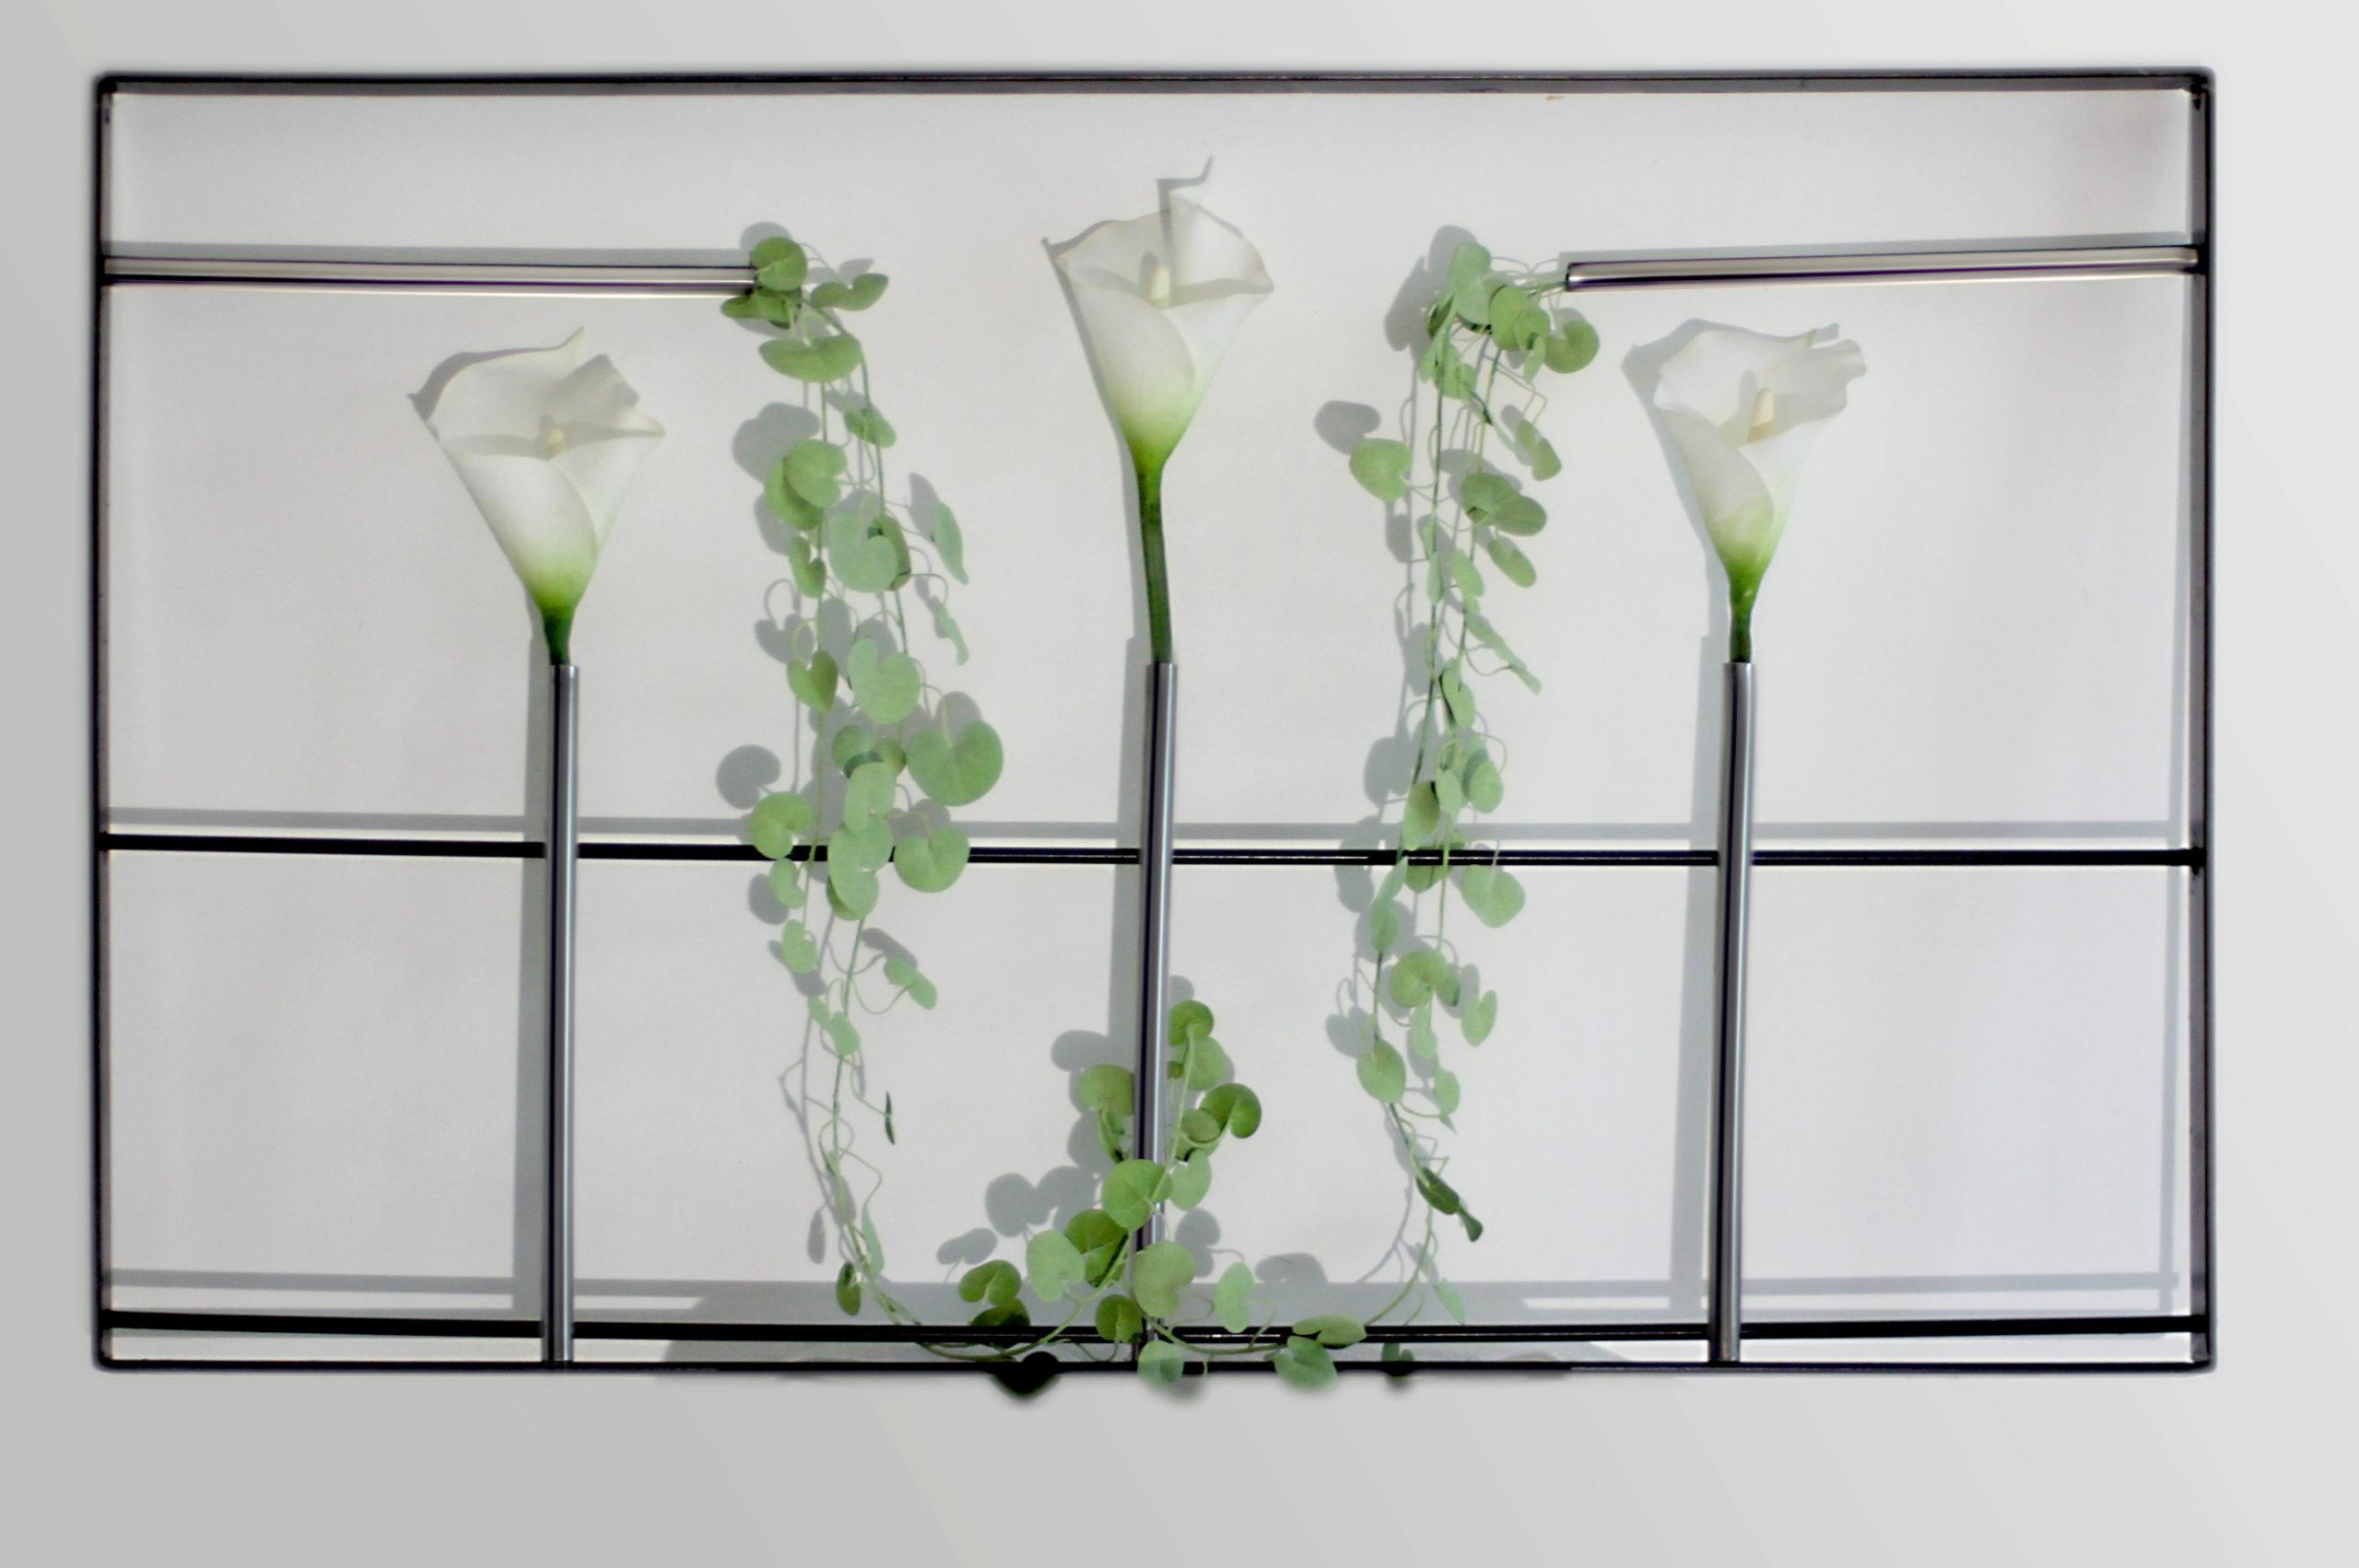 tableau-floral_8865